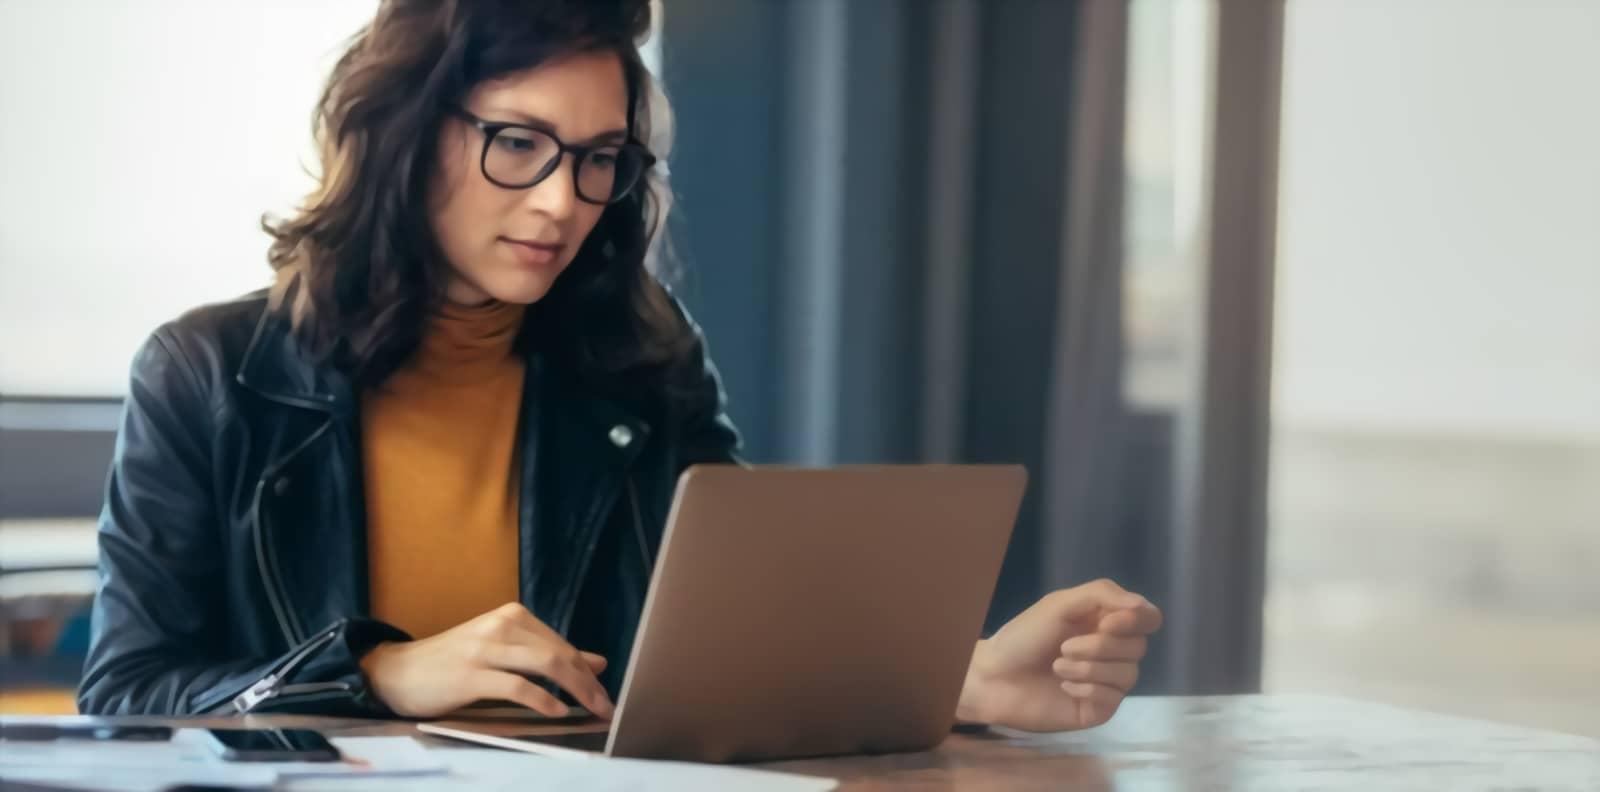 Comment attirer des clients en ligne pour son travail secondaire